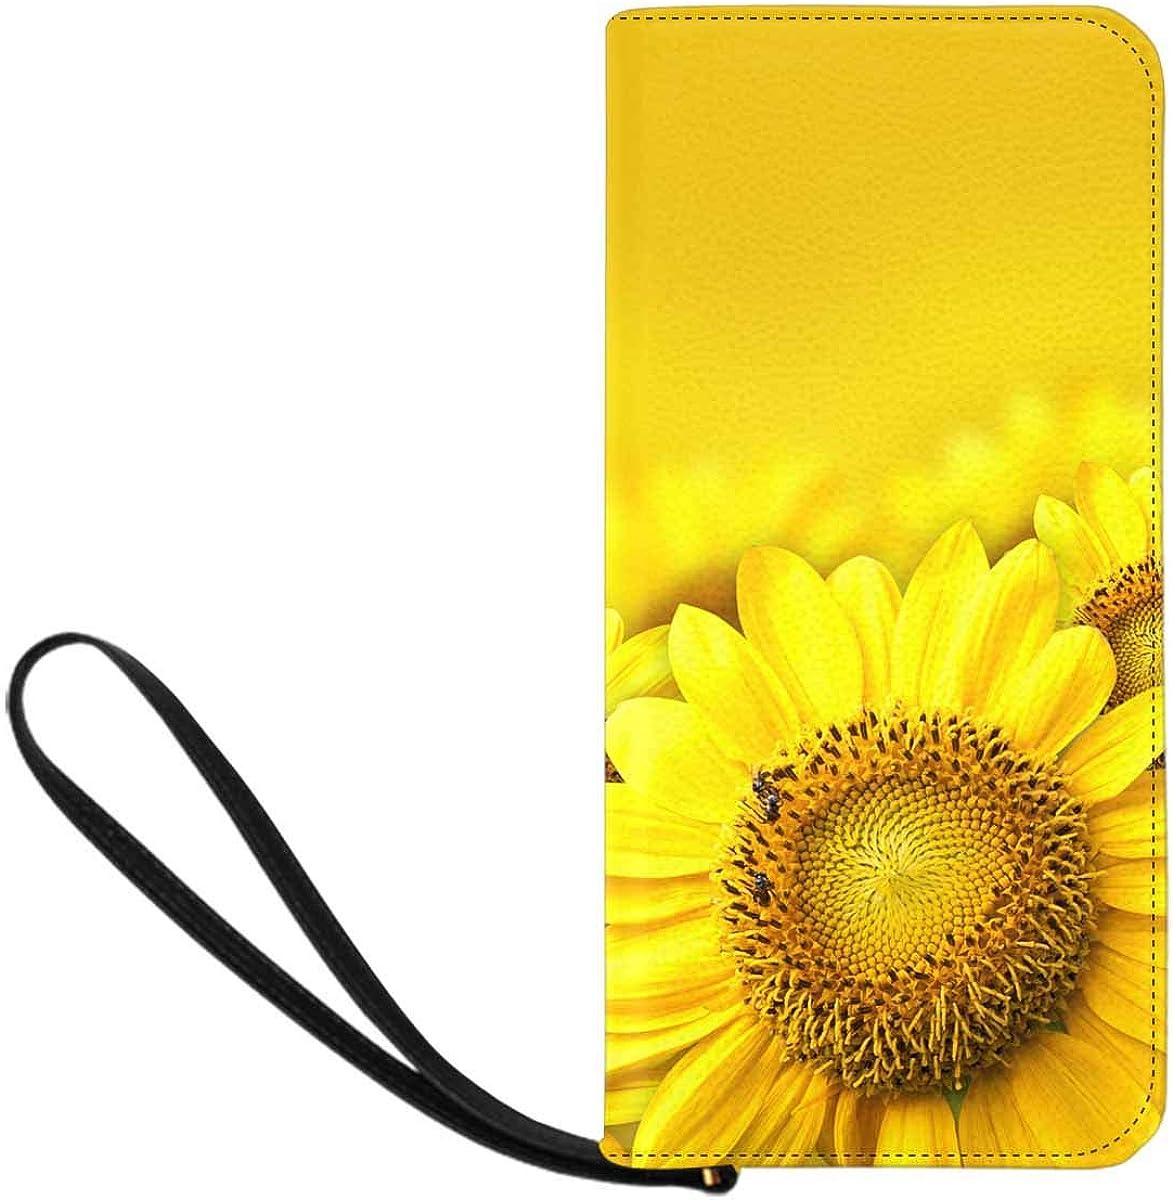 INTERESTPRINT Summer Sun over the Sunflower Field Clutch Purse for Women Evening Party